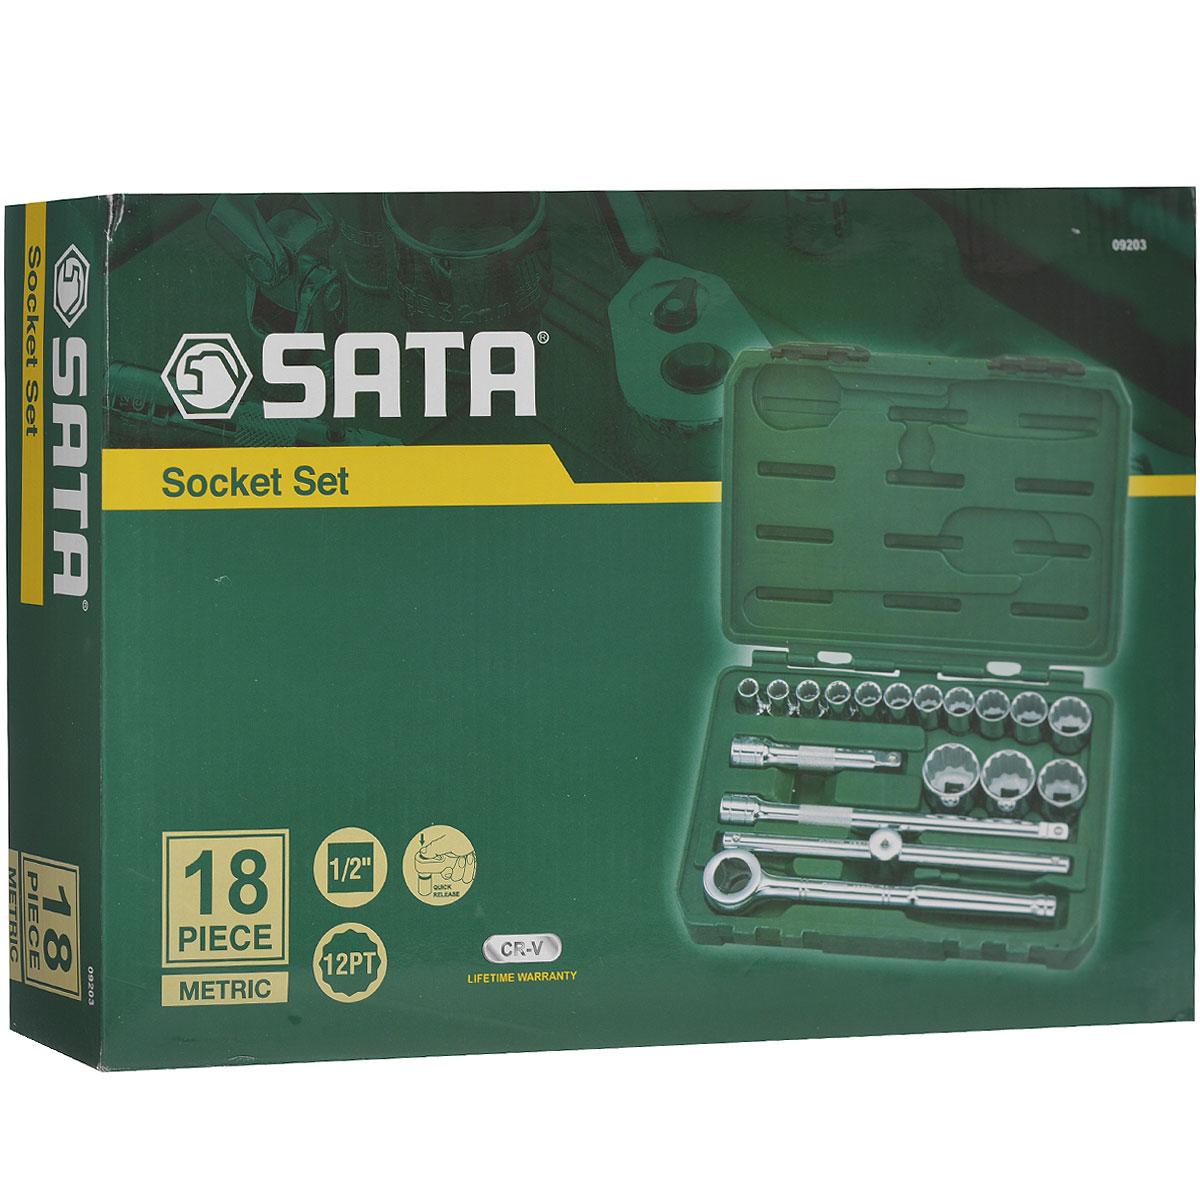 Набор торцевых головок SATA 18пр. 0920380621Набор инструментов Sata - это необходимый предмет в каждом доме. Он включает в себя 18 предметов, и упакован в удобный пластиковый кейс. Такой набор будет идеальным подарком мужчине.Преимуществом любого набора марки SATA является то, что любую его составляющую вы можете приобрести отдельно.Состав набора: головки торцевые 1/2 12 граней: 10 мм, 11 мм, 12 мм, 13 мм, 14 мм, 15 мм, 16 мм, 17 мм, 19 мм, 21 мм, 24 мм, 27 мм, 30 мм, 32 мм;ключ трещоточный дисковый 1/2;удлинители 1/2: 125 мм, 250 мм;вороток скользящий 1/2.